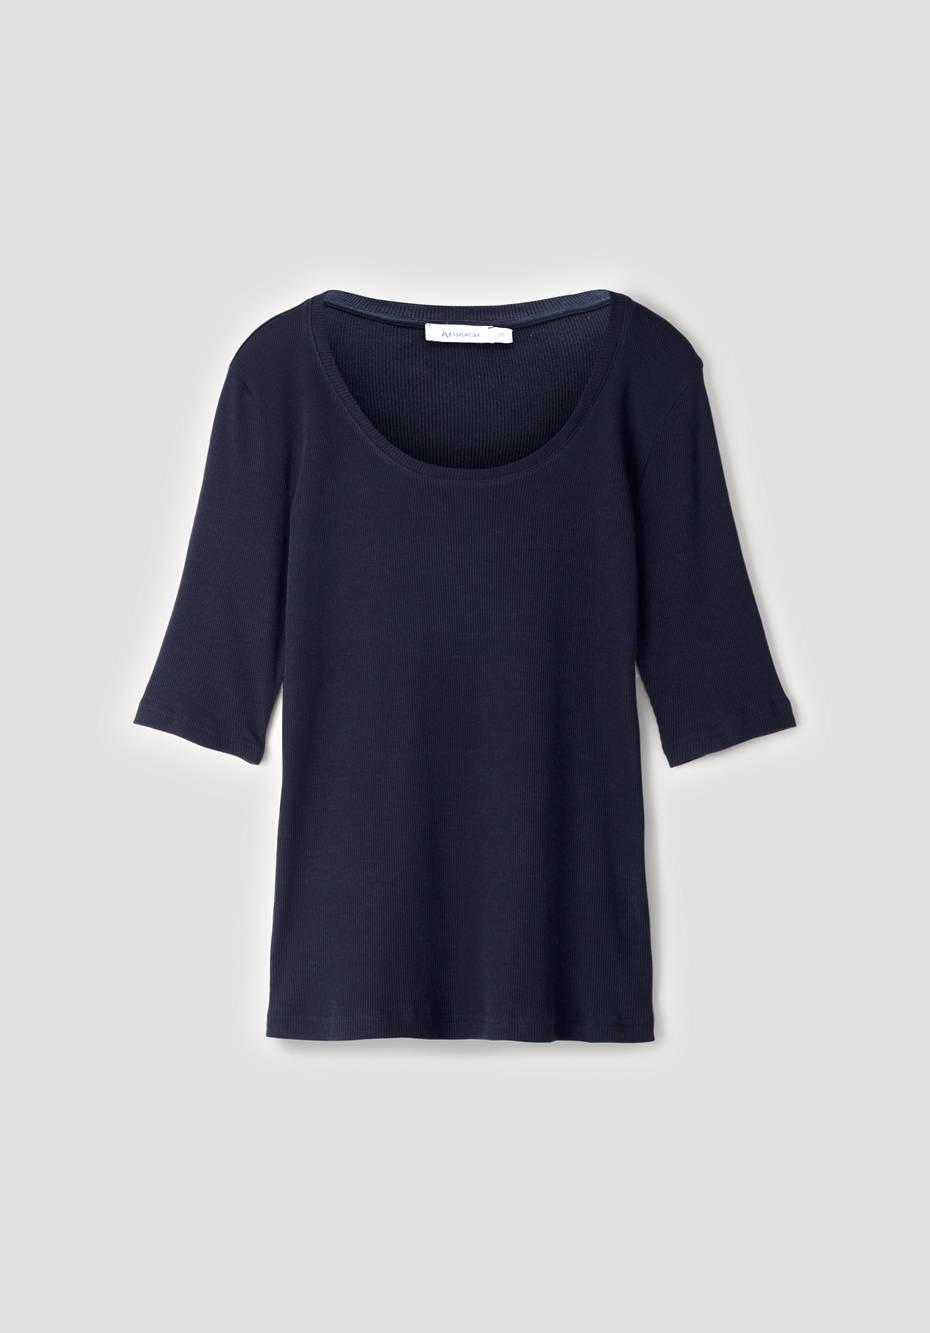 Halbarm-Shirt aus reiner Bio-Baumwolle